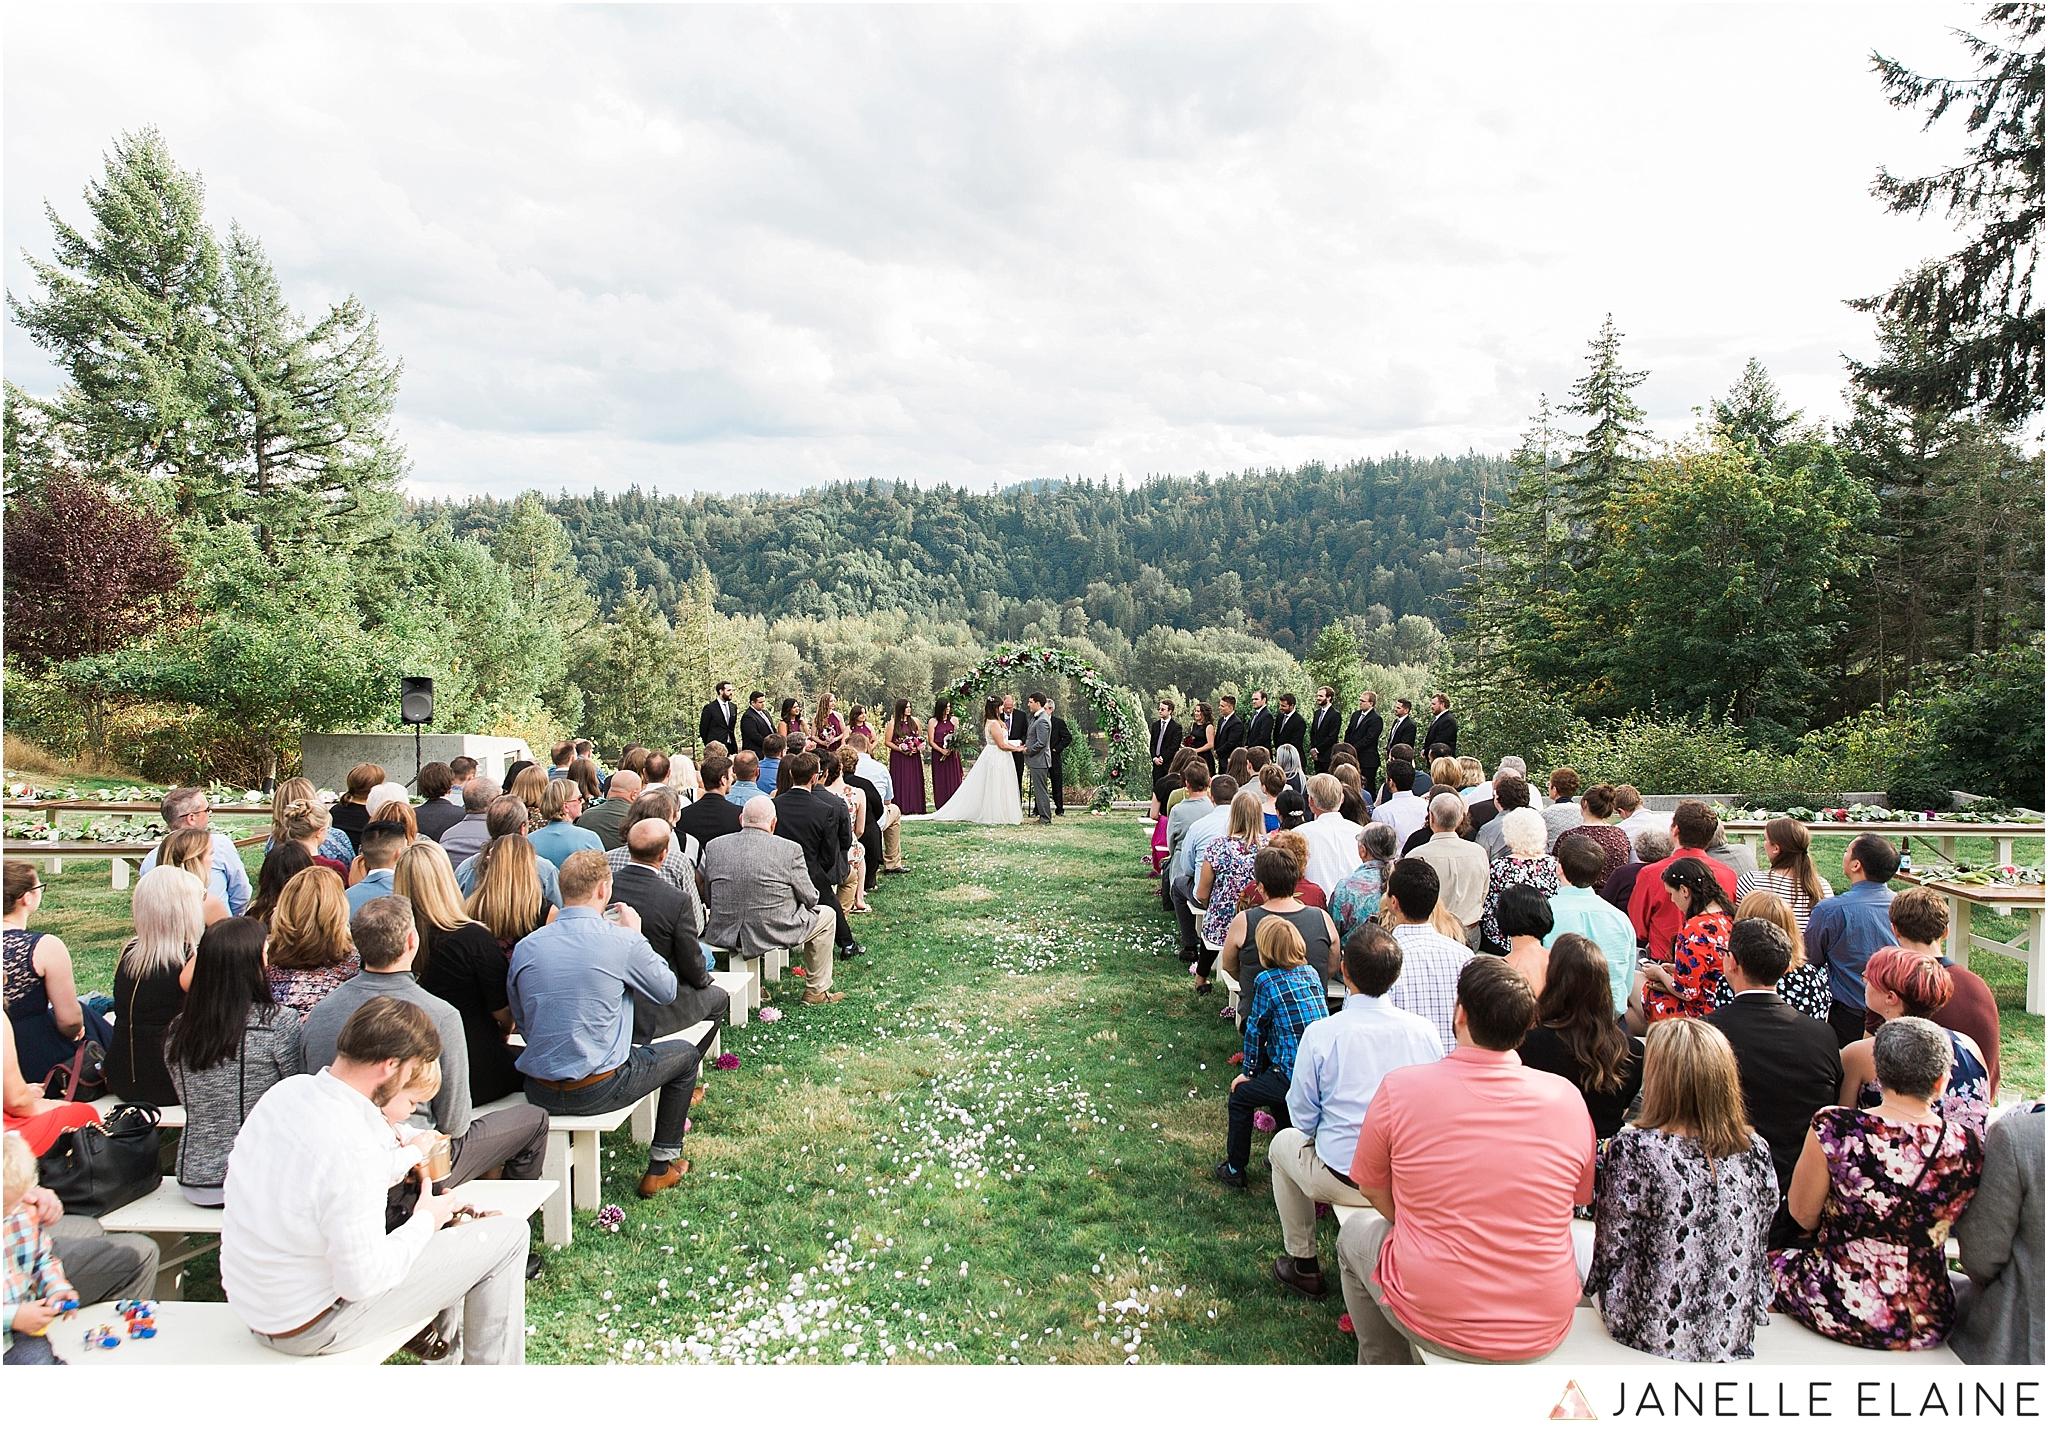 seattle-portrait-engagement-wedding-photographer-janelle-elaine-photography-58.jpg